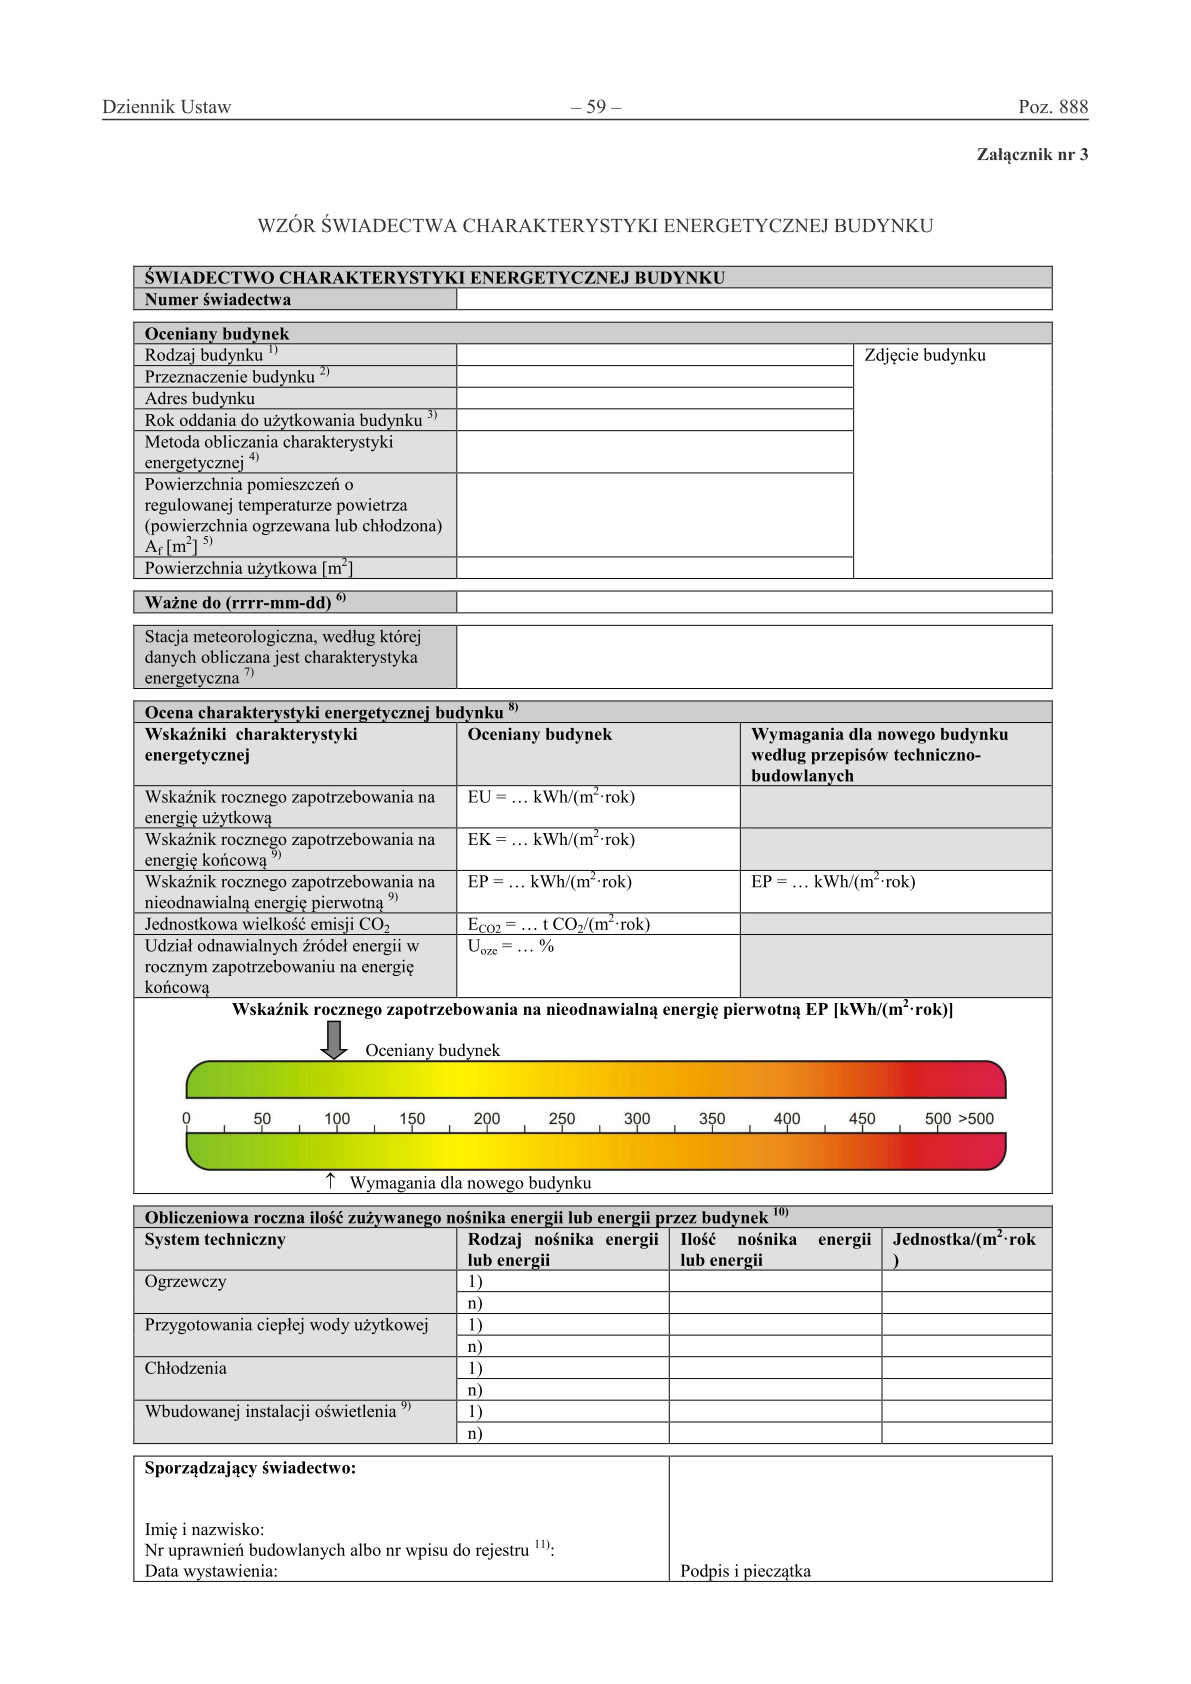 charakterystyka energetyczna, świadectwo energatyczne